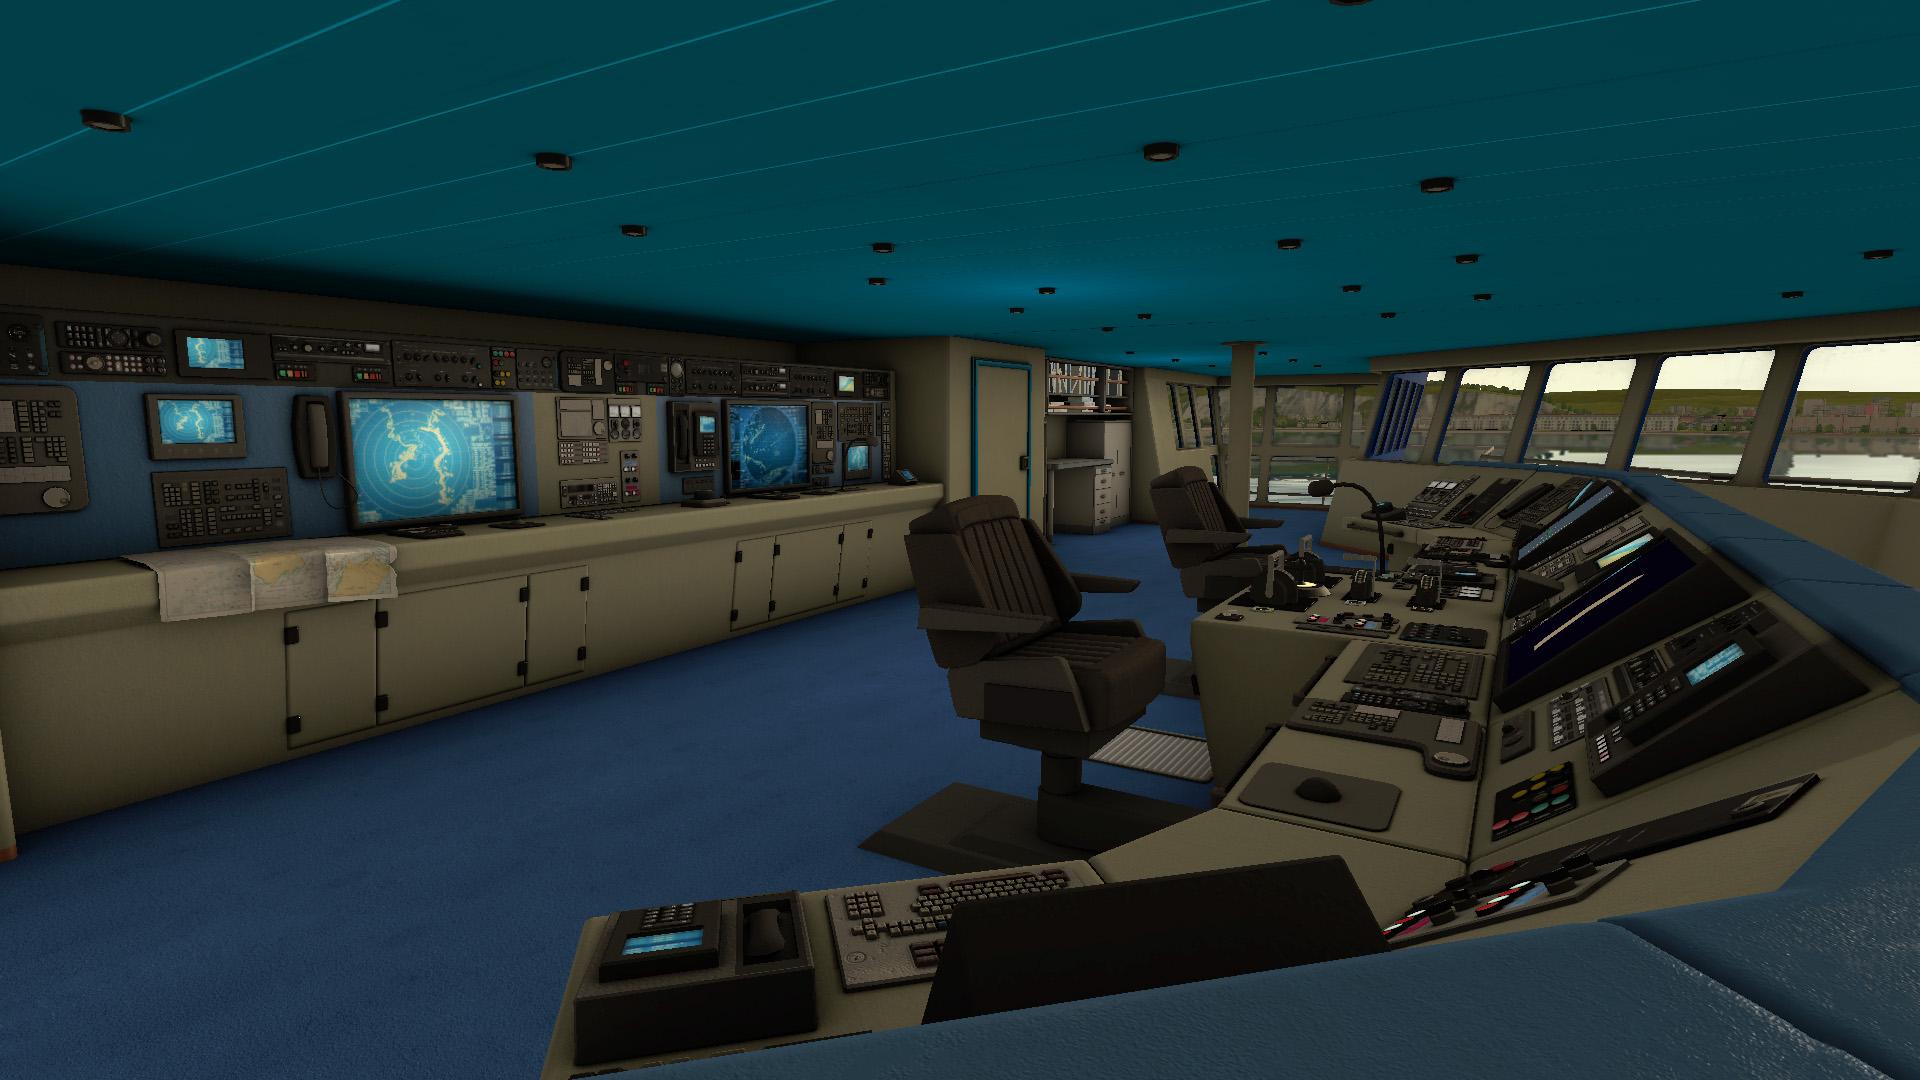 تحميل لعبة قيادة السفن الشبيهة بالواقع European Ship Simulator-FLT ss_cc2226a6c5e71c9f8